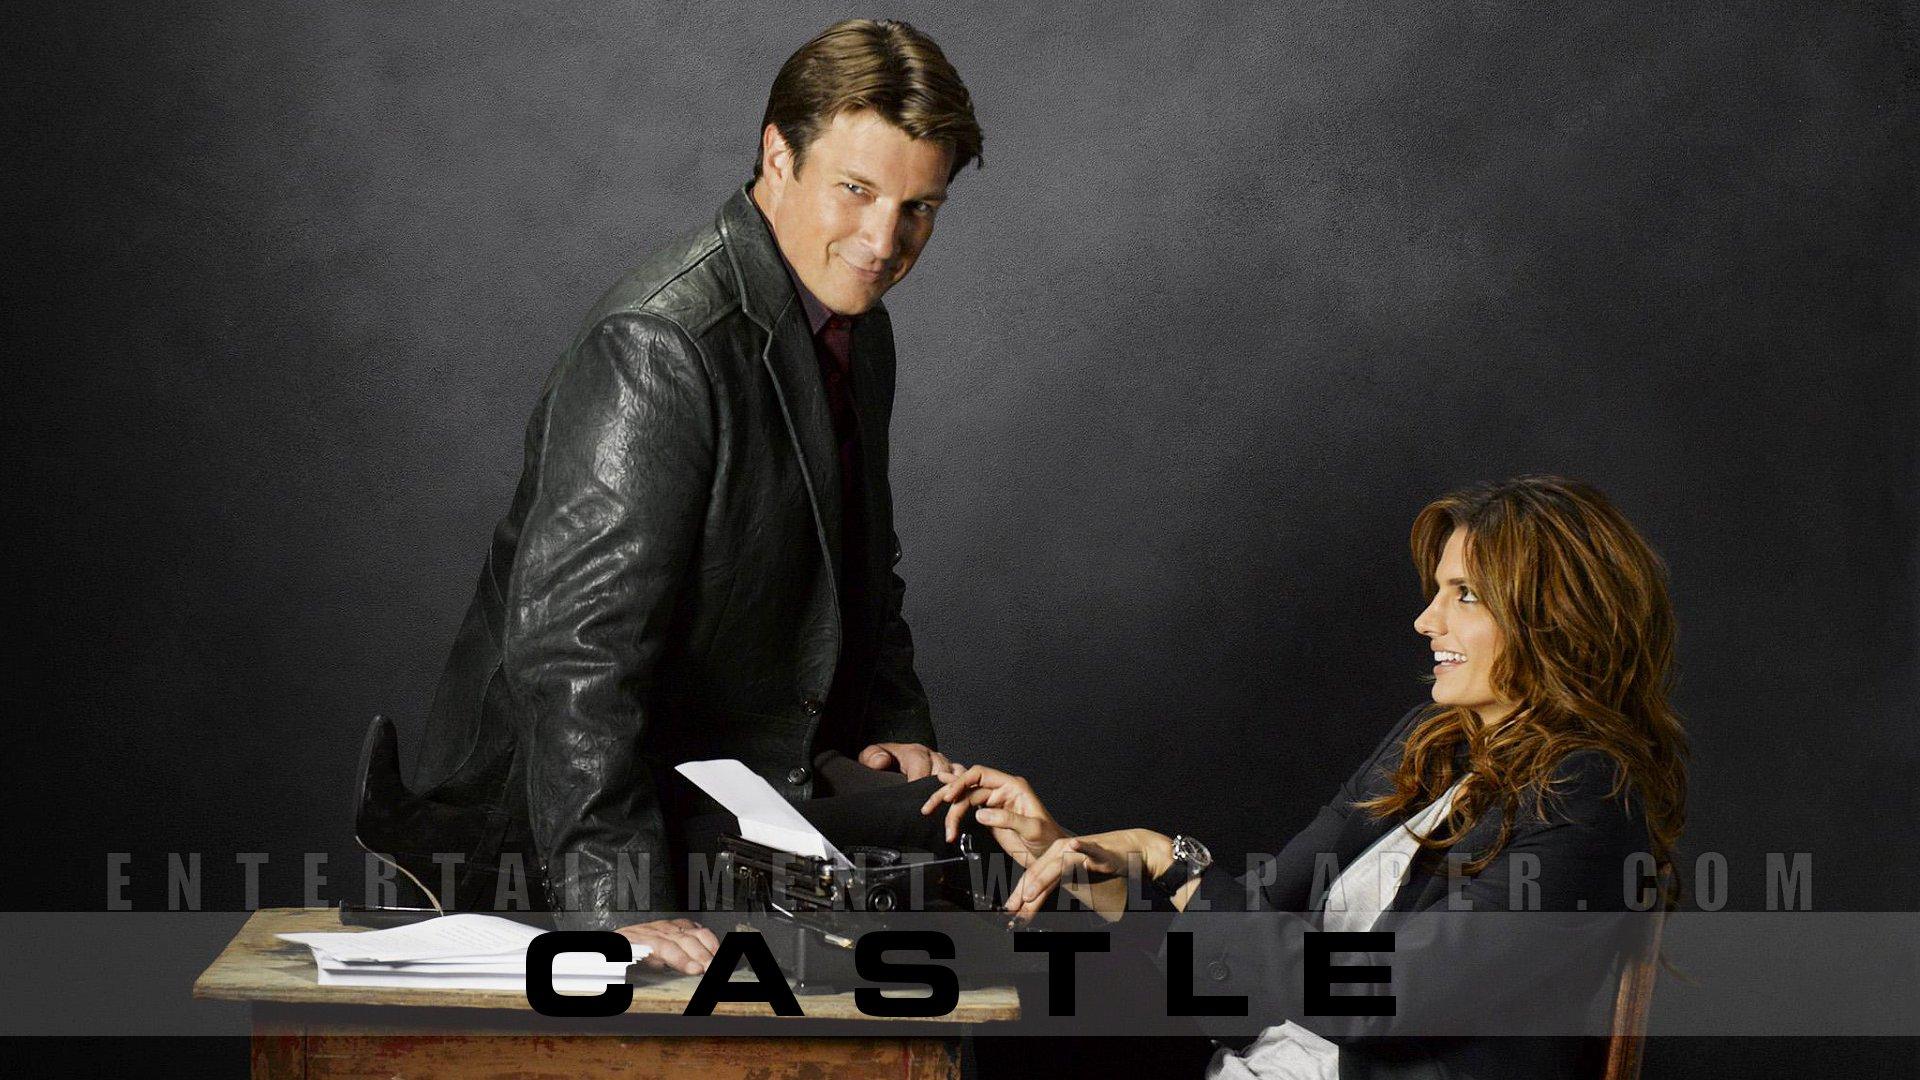 Castle TV Wallpaper For Desktop